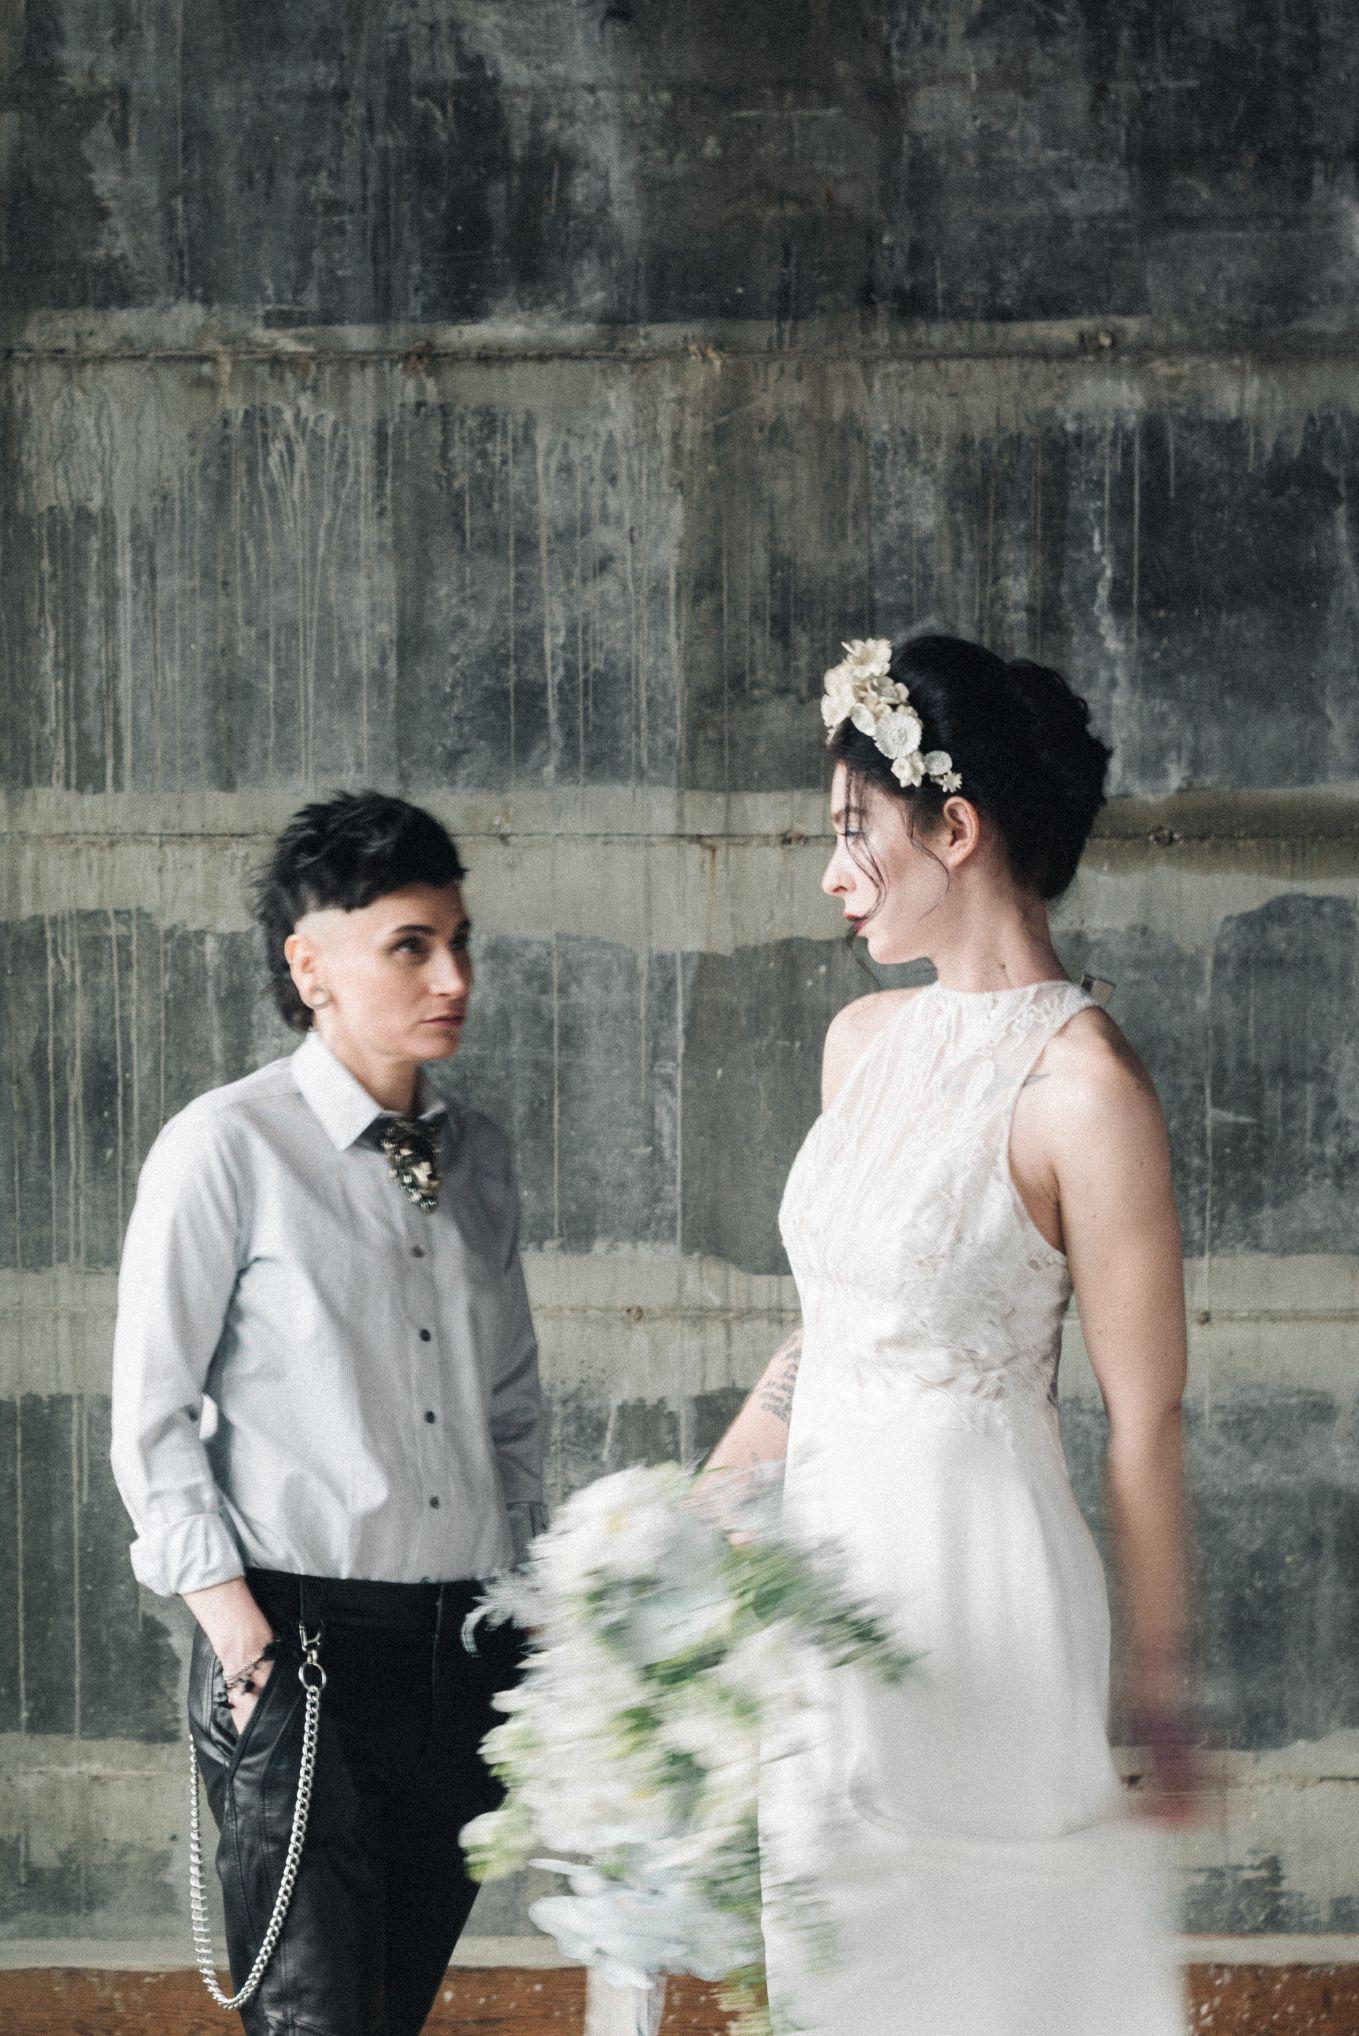 olio-peabody-boston-lesbian-wedding-style-daylynn-designs101.jpg